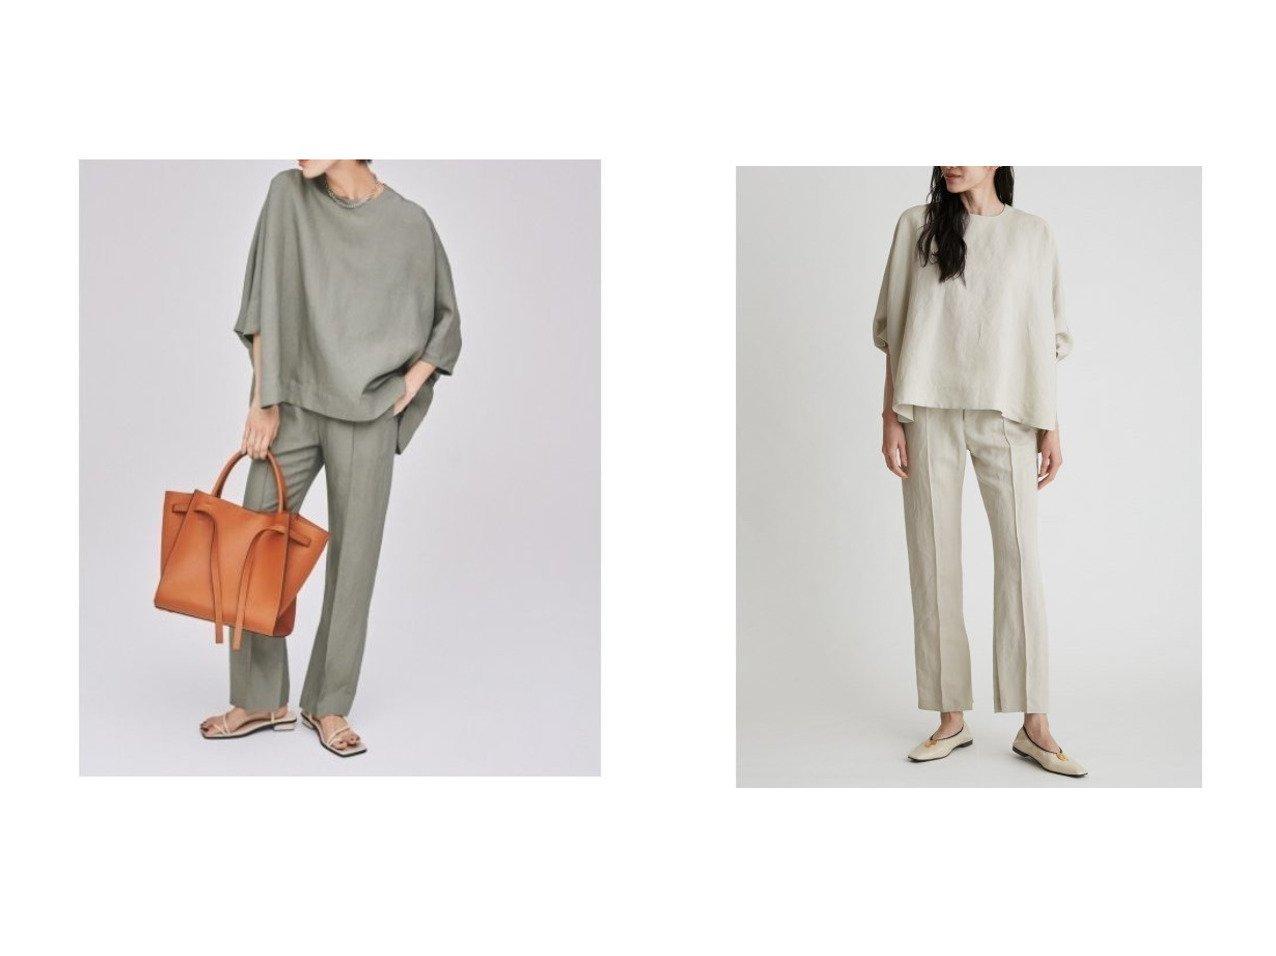 【Mila Owen/ミラオーウェン】のポンチョトップス リネンパンツ/SET UP 【トップス・カットソー】おすすめ!人気、トレンド・レディースファッションの通販   おすすめで人気の流行・トレンド、ファッションの通販商品 メンズファッション・キッズファッション・インテリア・家具・レディースファッション・服の通販 founy(ファニー) https://founy.com/ ファッション Fashion レディースファッション WOMEN アウター Coat Outerwear ポンチョ Ponchos セットアップ Setup トップス Tops パンツ Pants オケージョン スマート セットアップ フォーマル ブローチ リネン 再入荷 Restock/Back in Stock/Re Arrival おすすめ Recommend |ID:crp329100000031799